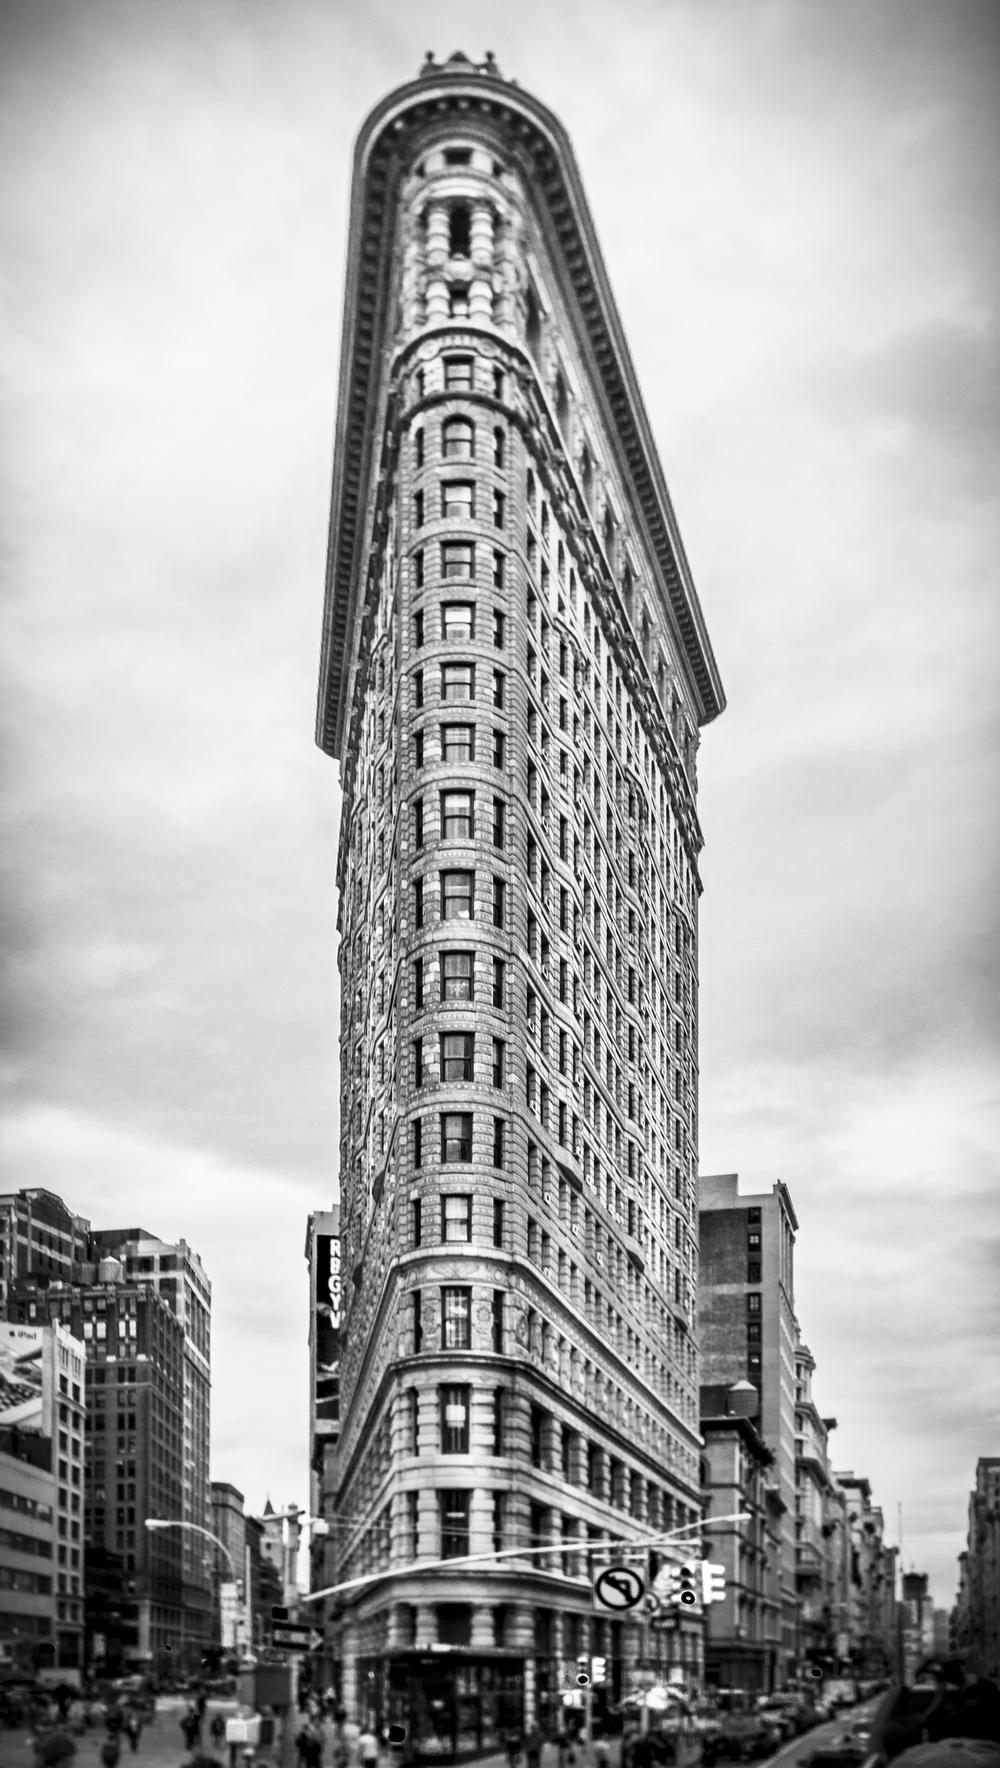 fotografia-de-arquitetura-exteriores-26.jpg